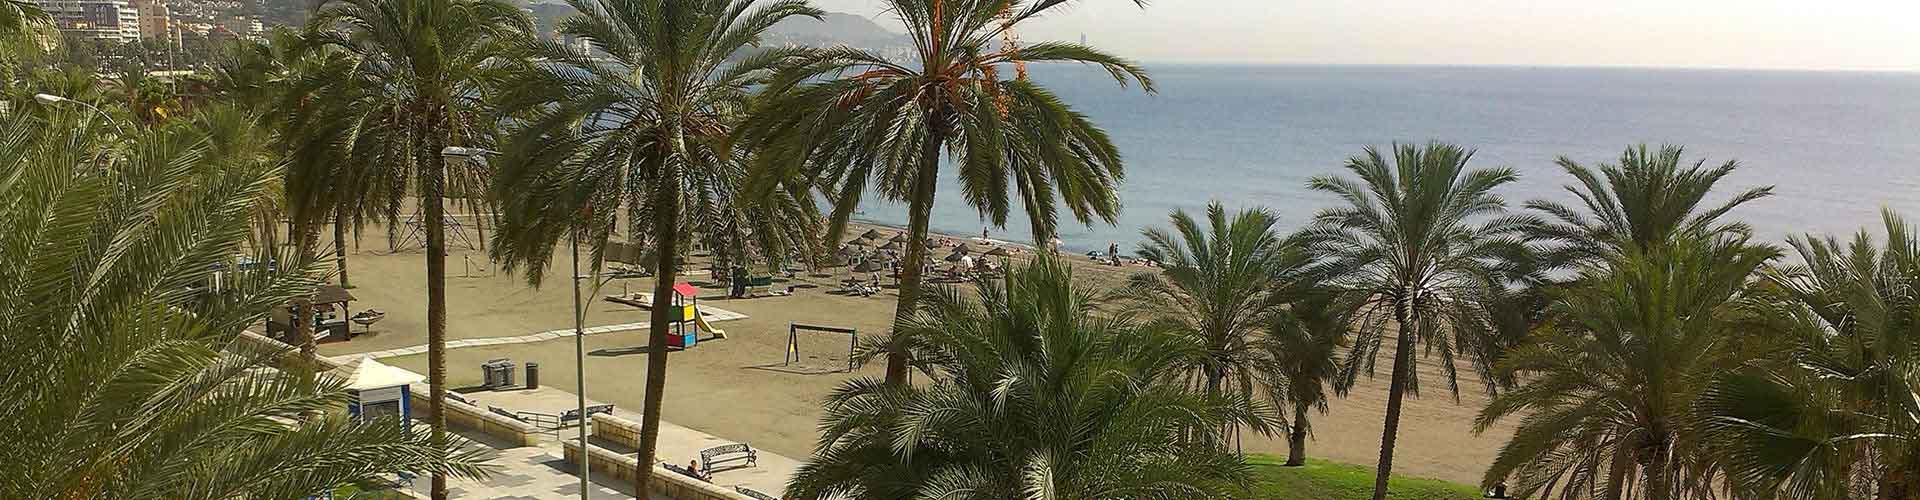 Málaga - Hoteles baratos en el distrito Zona centro de Málaga. Mapas de Málaga, Fotos y comentarios de cada Hotel barato en Málaga.